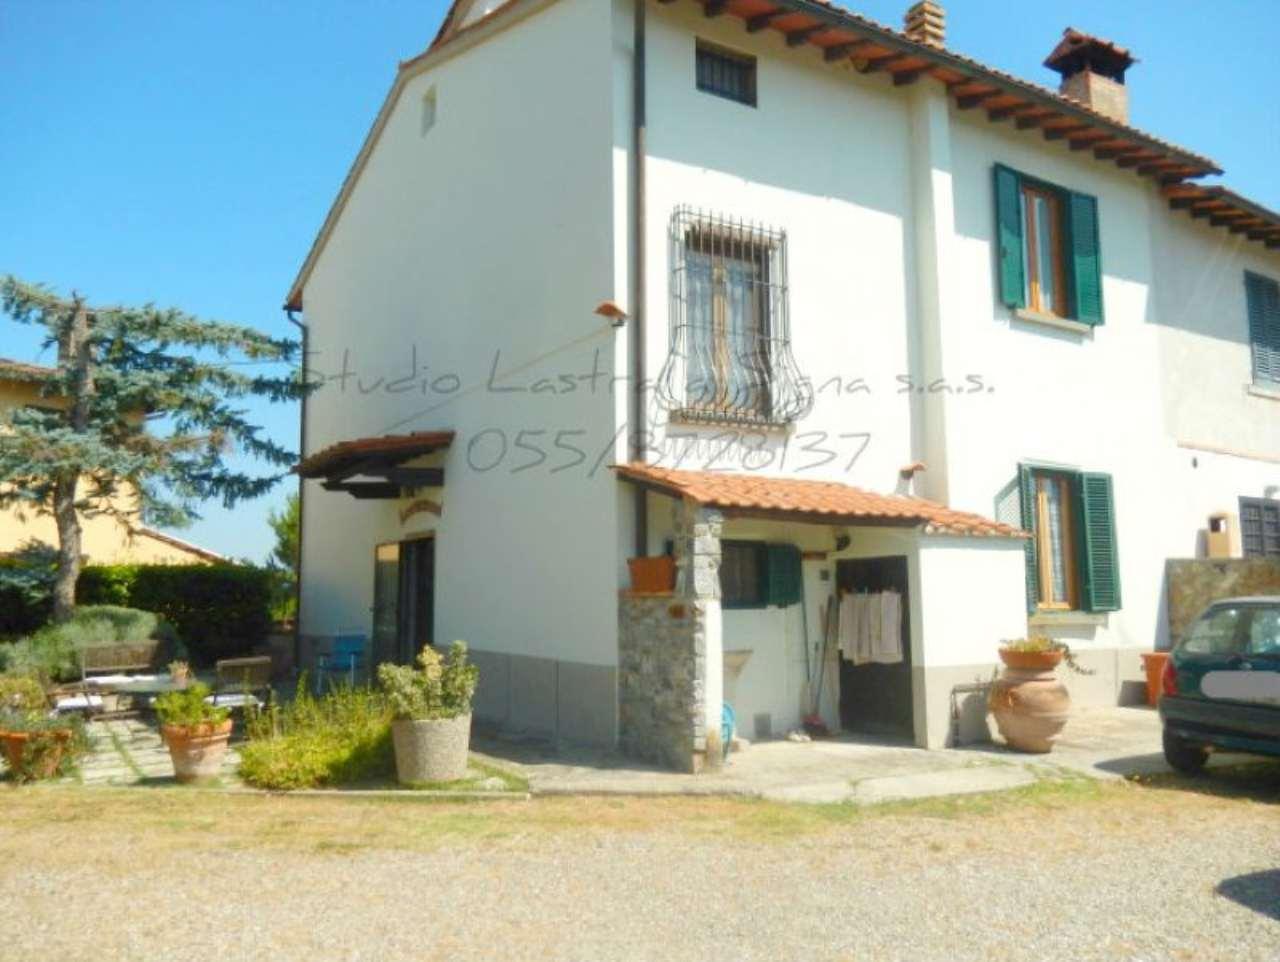 Rustico / Casale in vendita a Lastra a Signa, 5 locali, prezzo € 570.000 | Cambio Casa.it